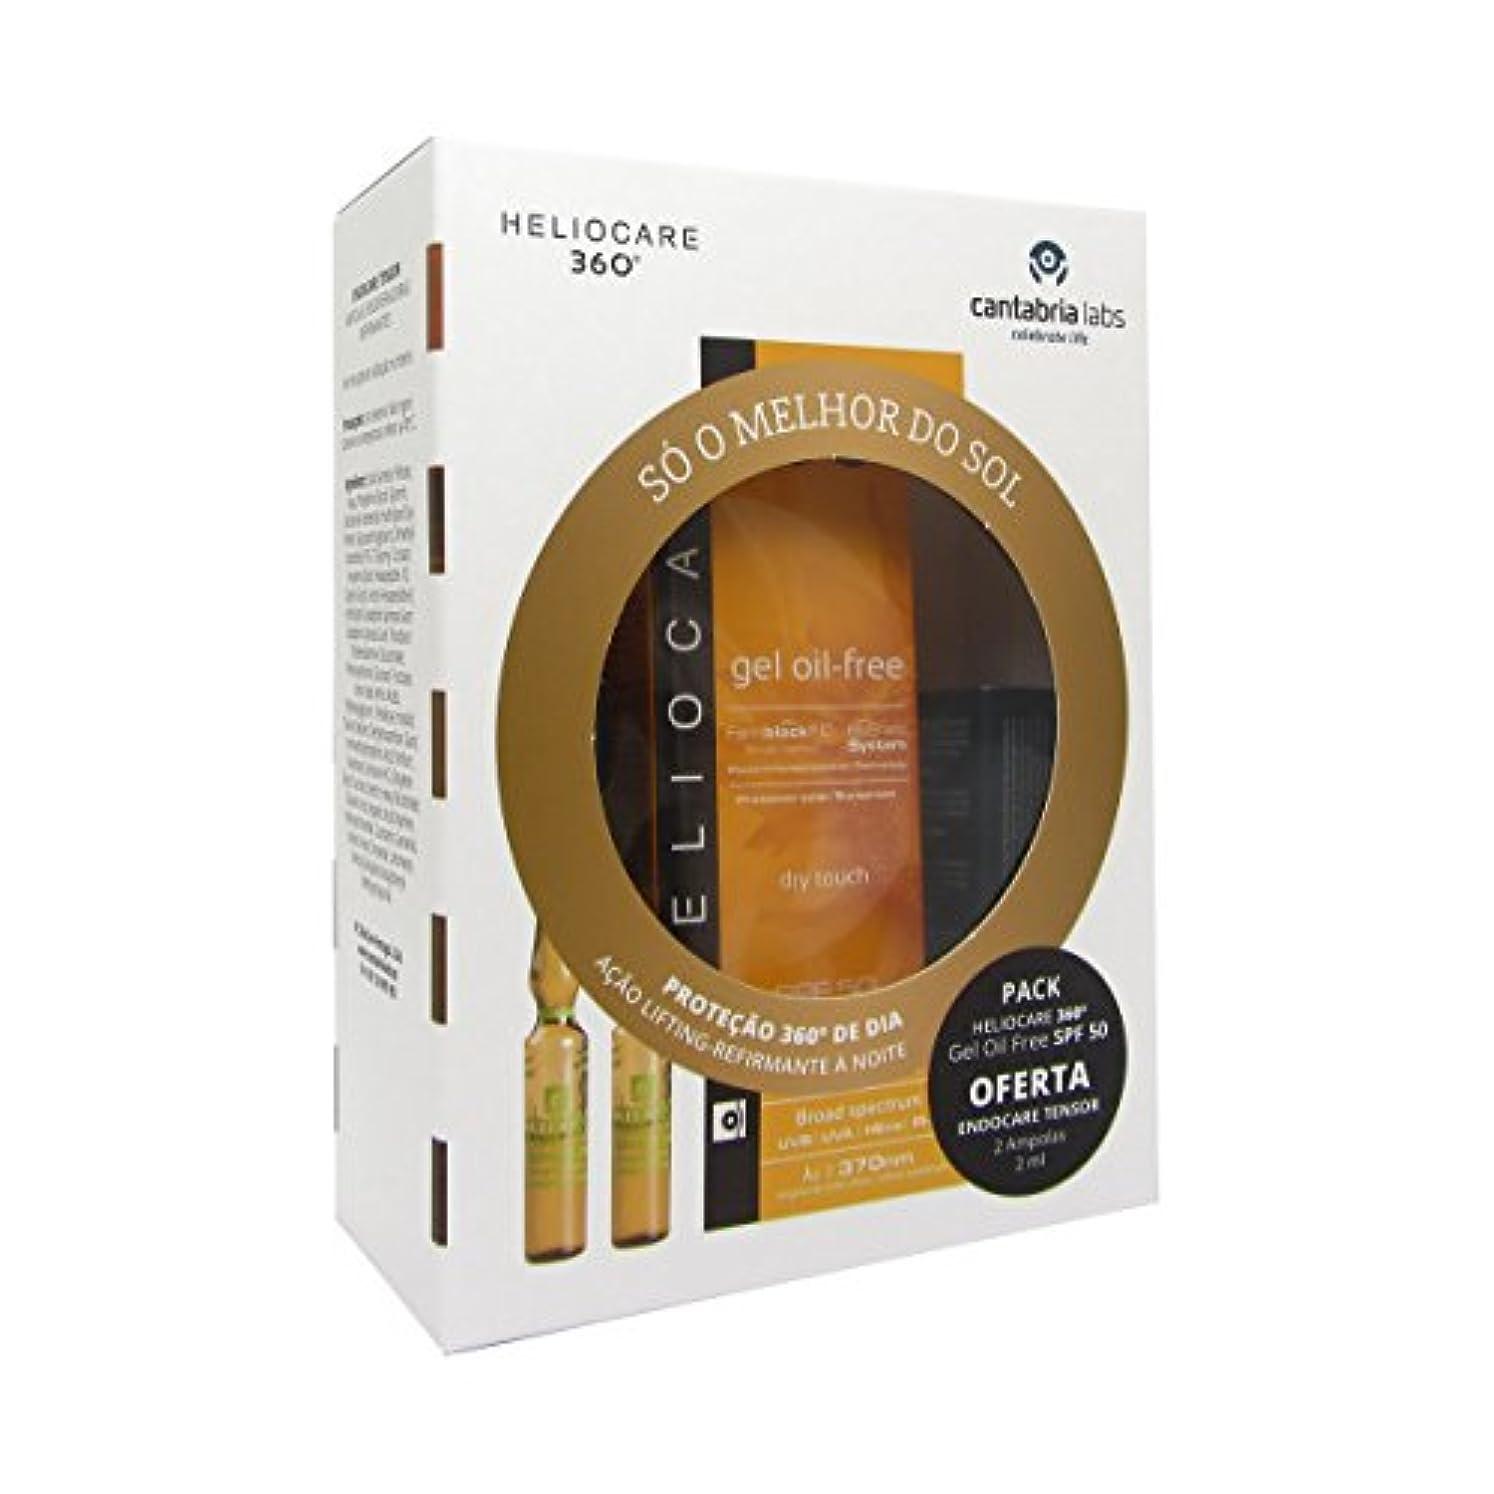 キー事業未使用Heliocare 360 Gel Oil Free Spf50 50ml + Endocare Tensor Ampoules2x2ml [並行輸入品]